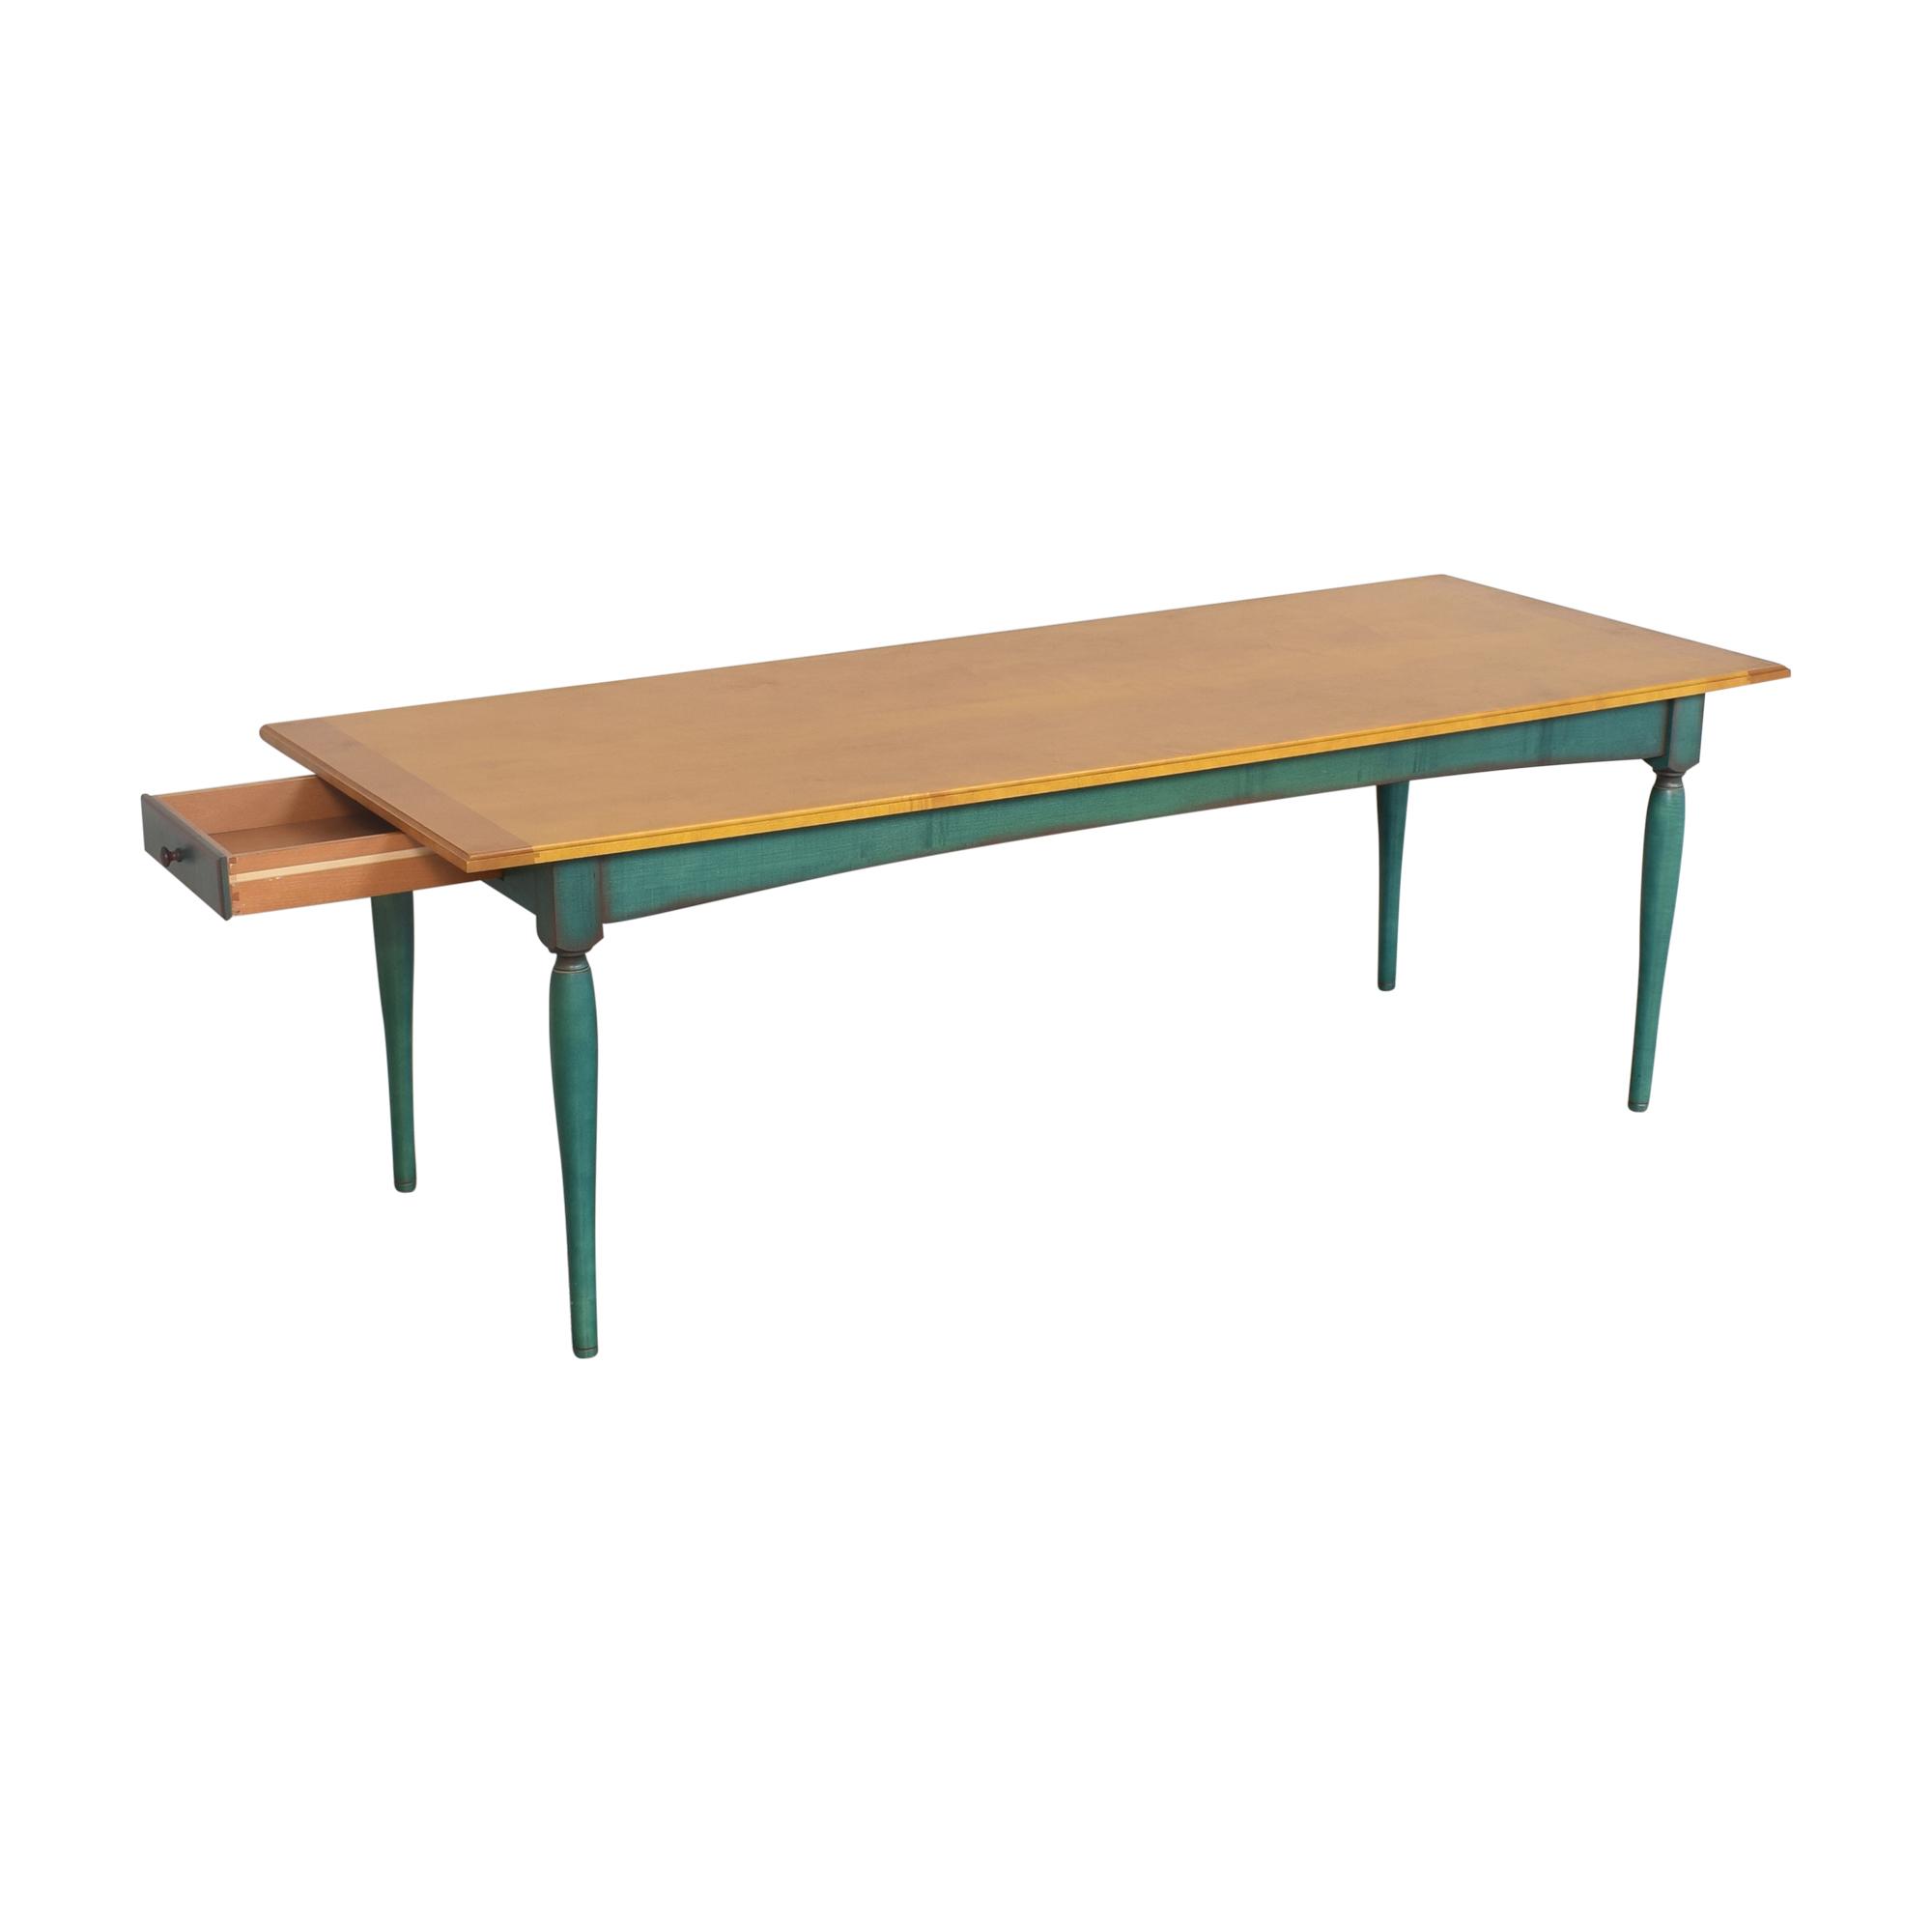 Grange Grange Shaker-Style Dining Table Tables